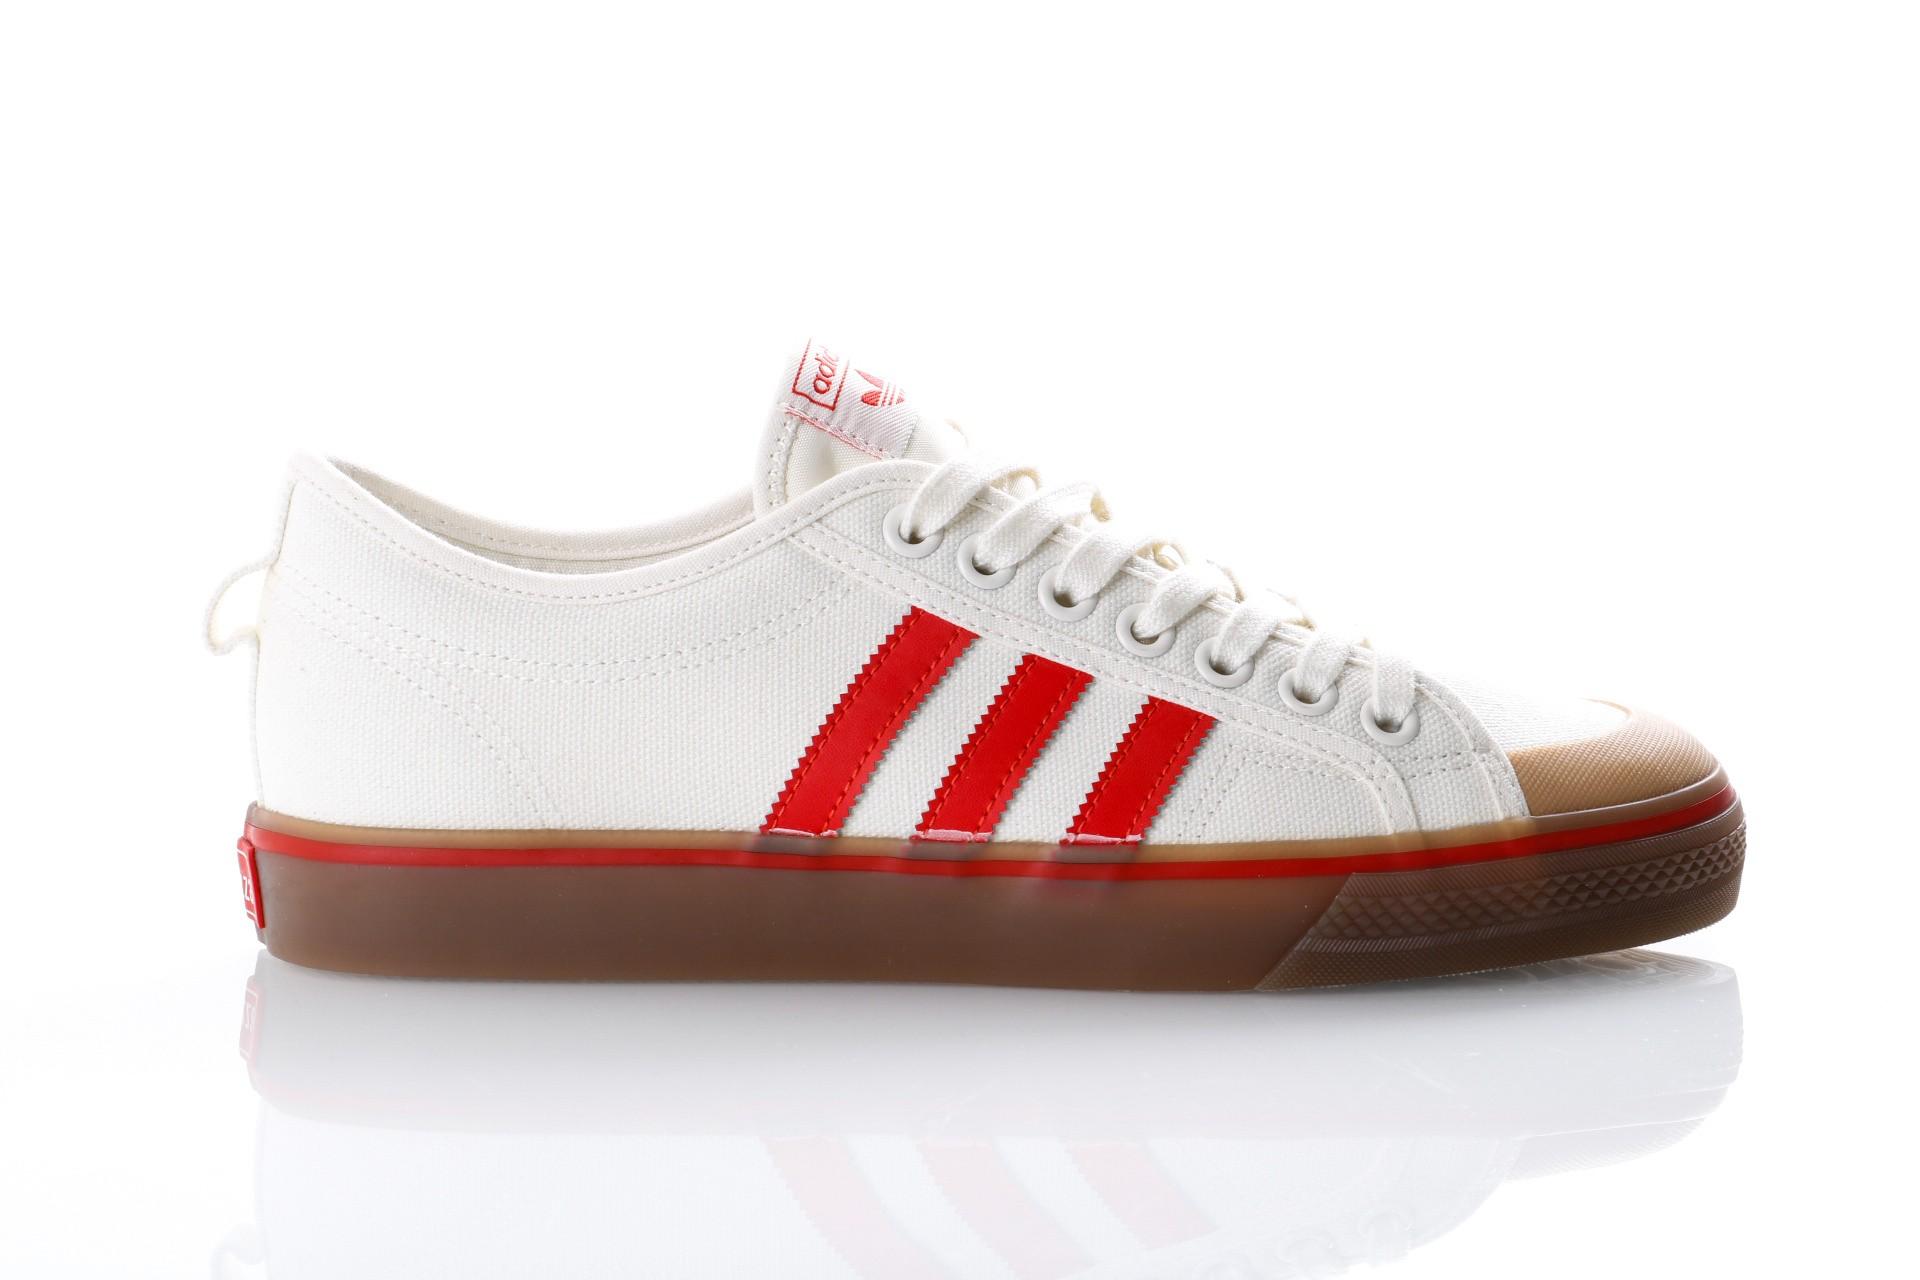 Afbeelding van Adidas Originals CQ2326 Sneakers Nizza OG Wit